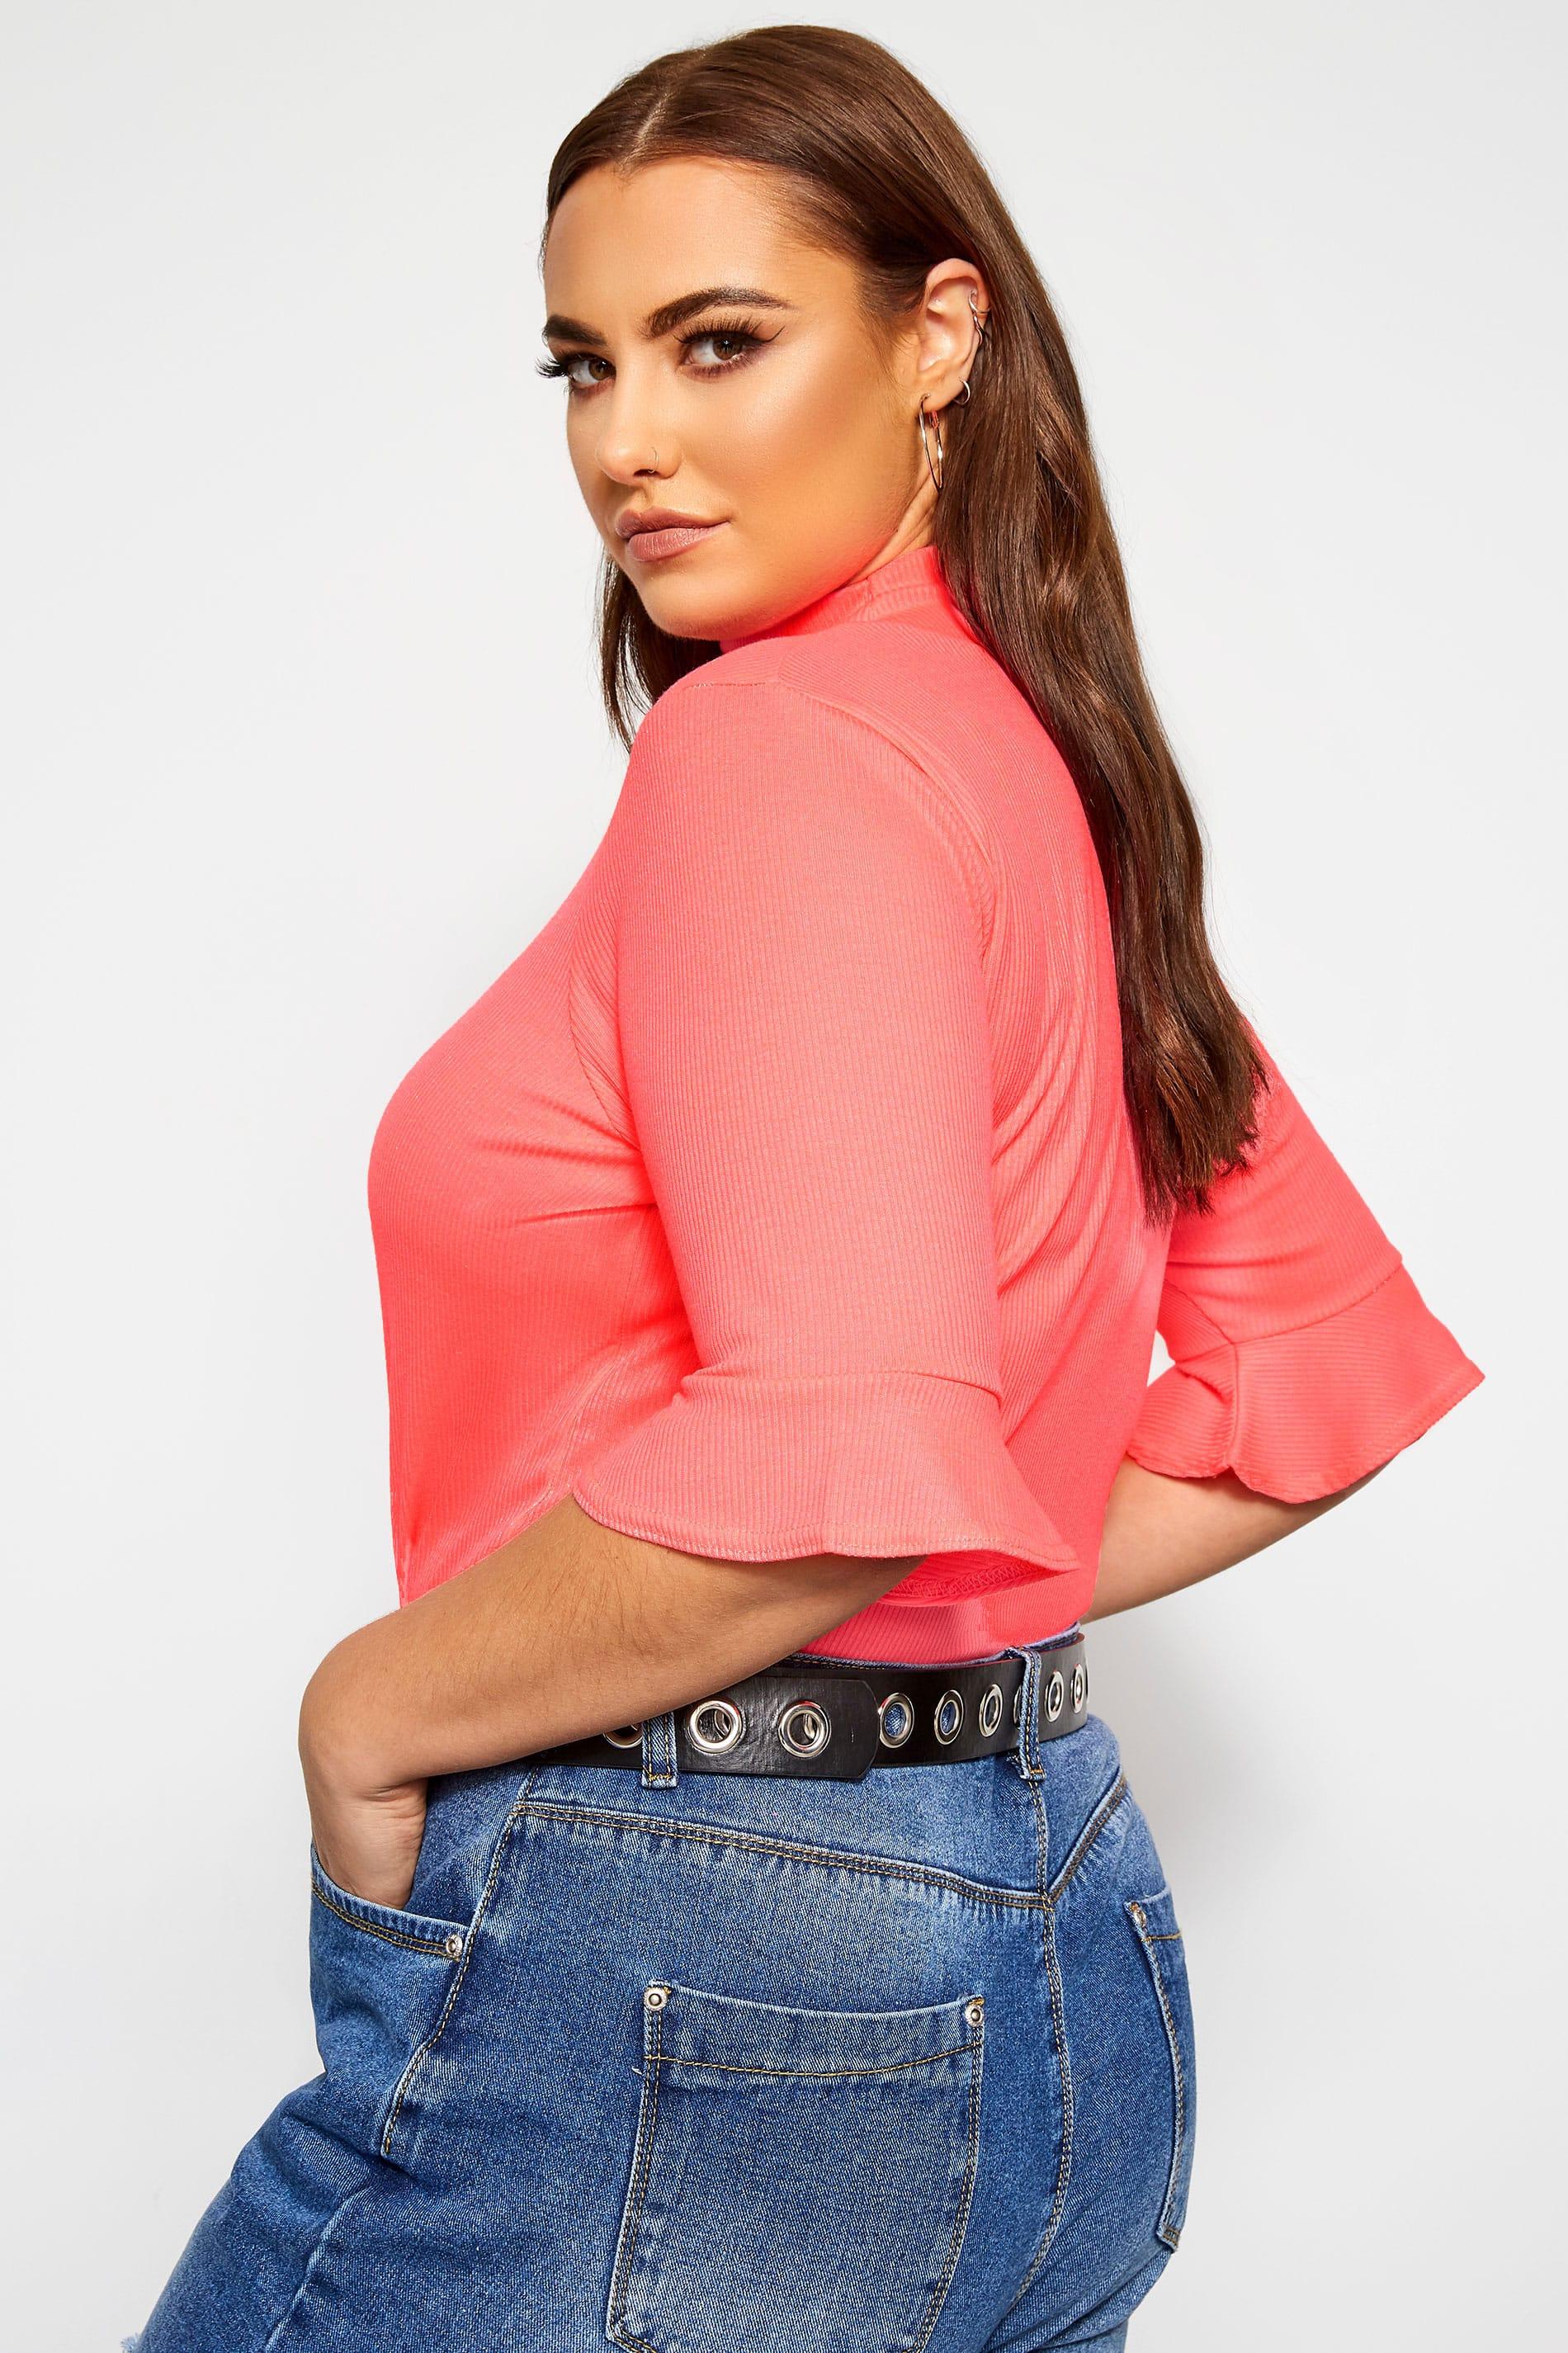 KIDPIK Crop Top for Girls - 80s Neon Pink & Rose Scuba Cute Shirt-: Amazon.ca: Clothing